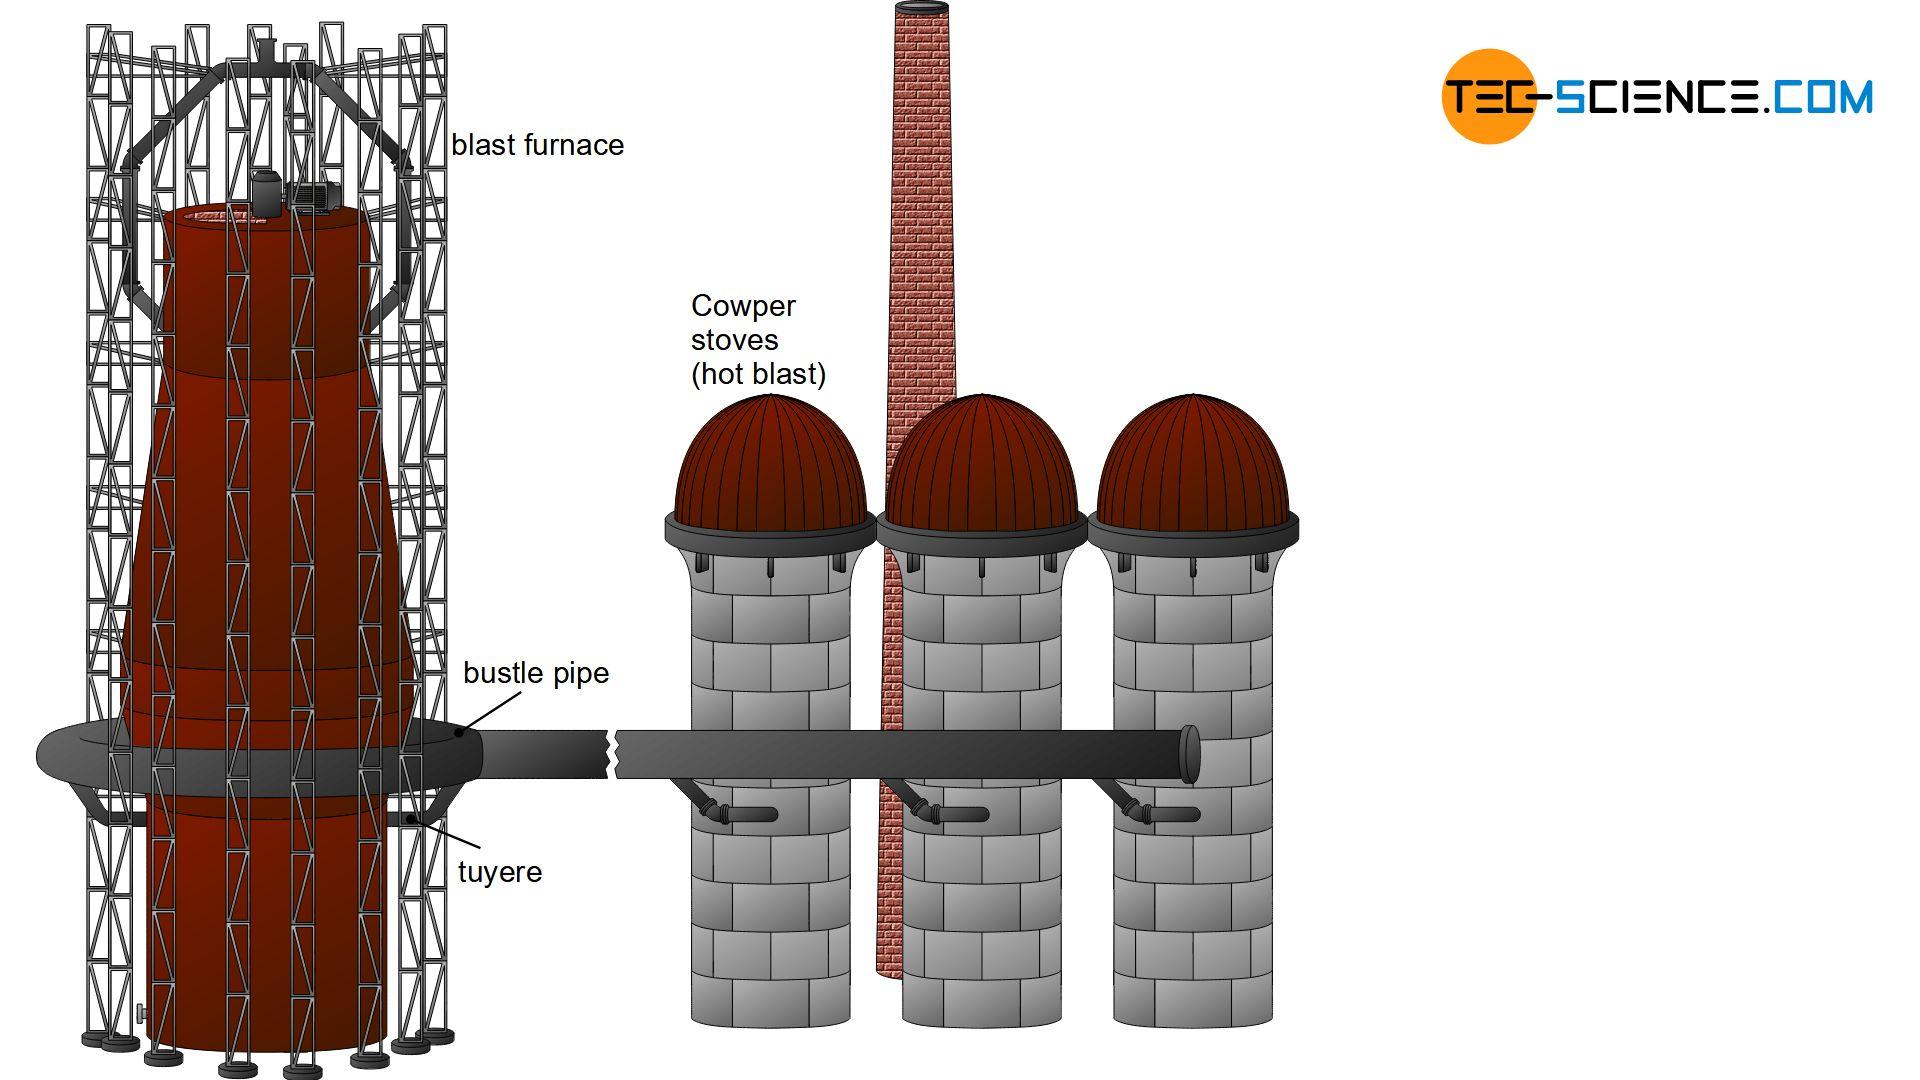 Cowper stove (hot-blast stove)